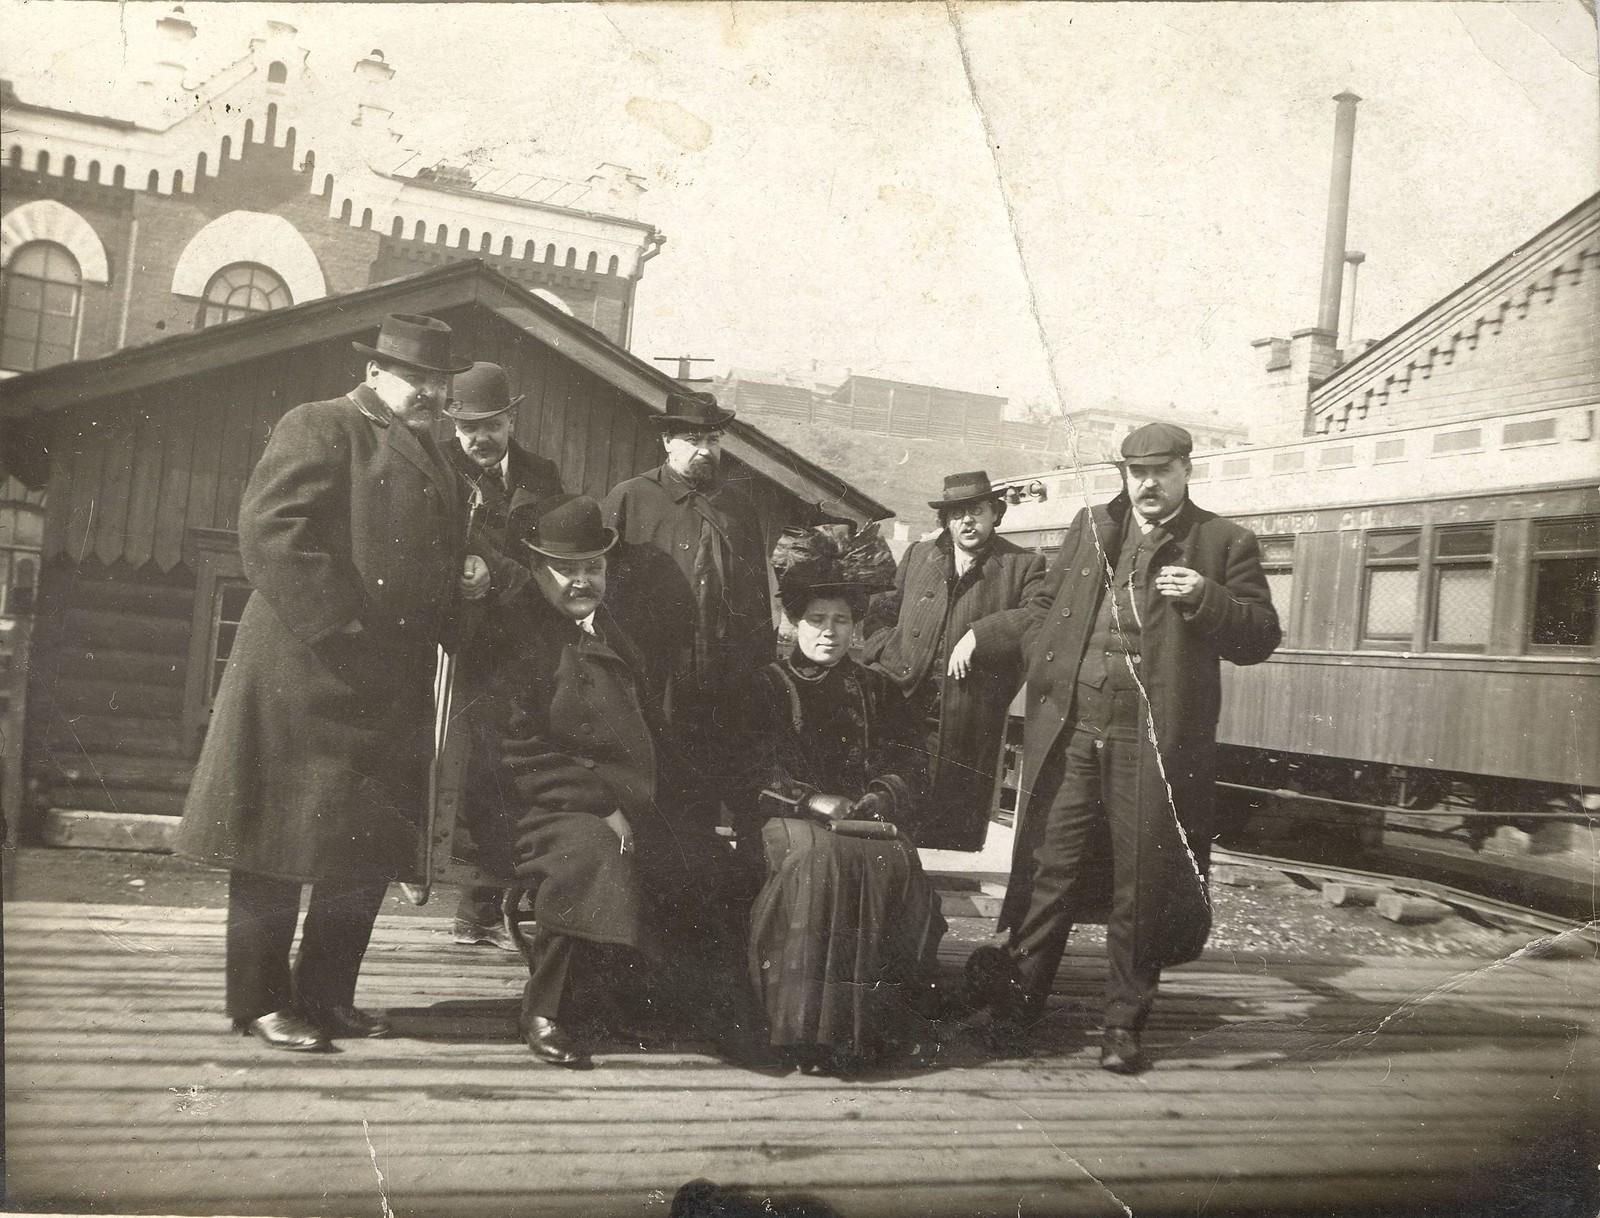 1910. Иркутские купцы, братья Белоголовые с друзьями и женщиной на железнодорожном вокзале